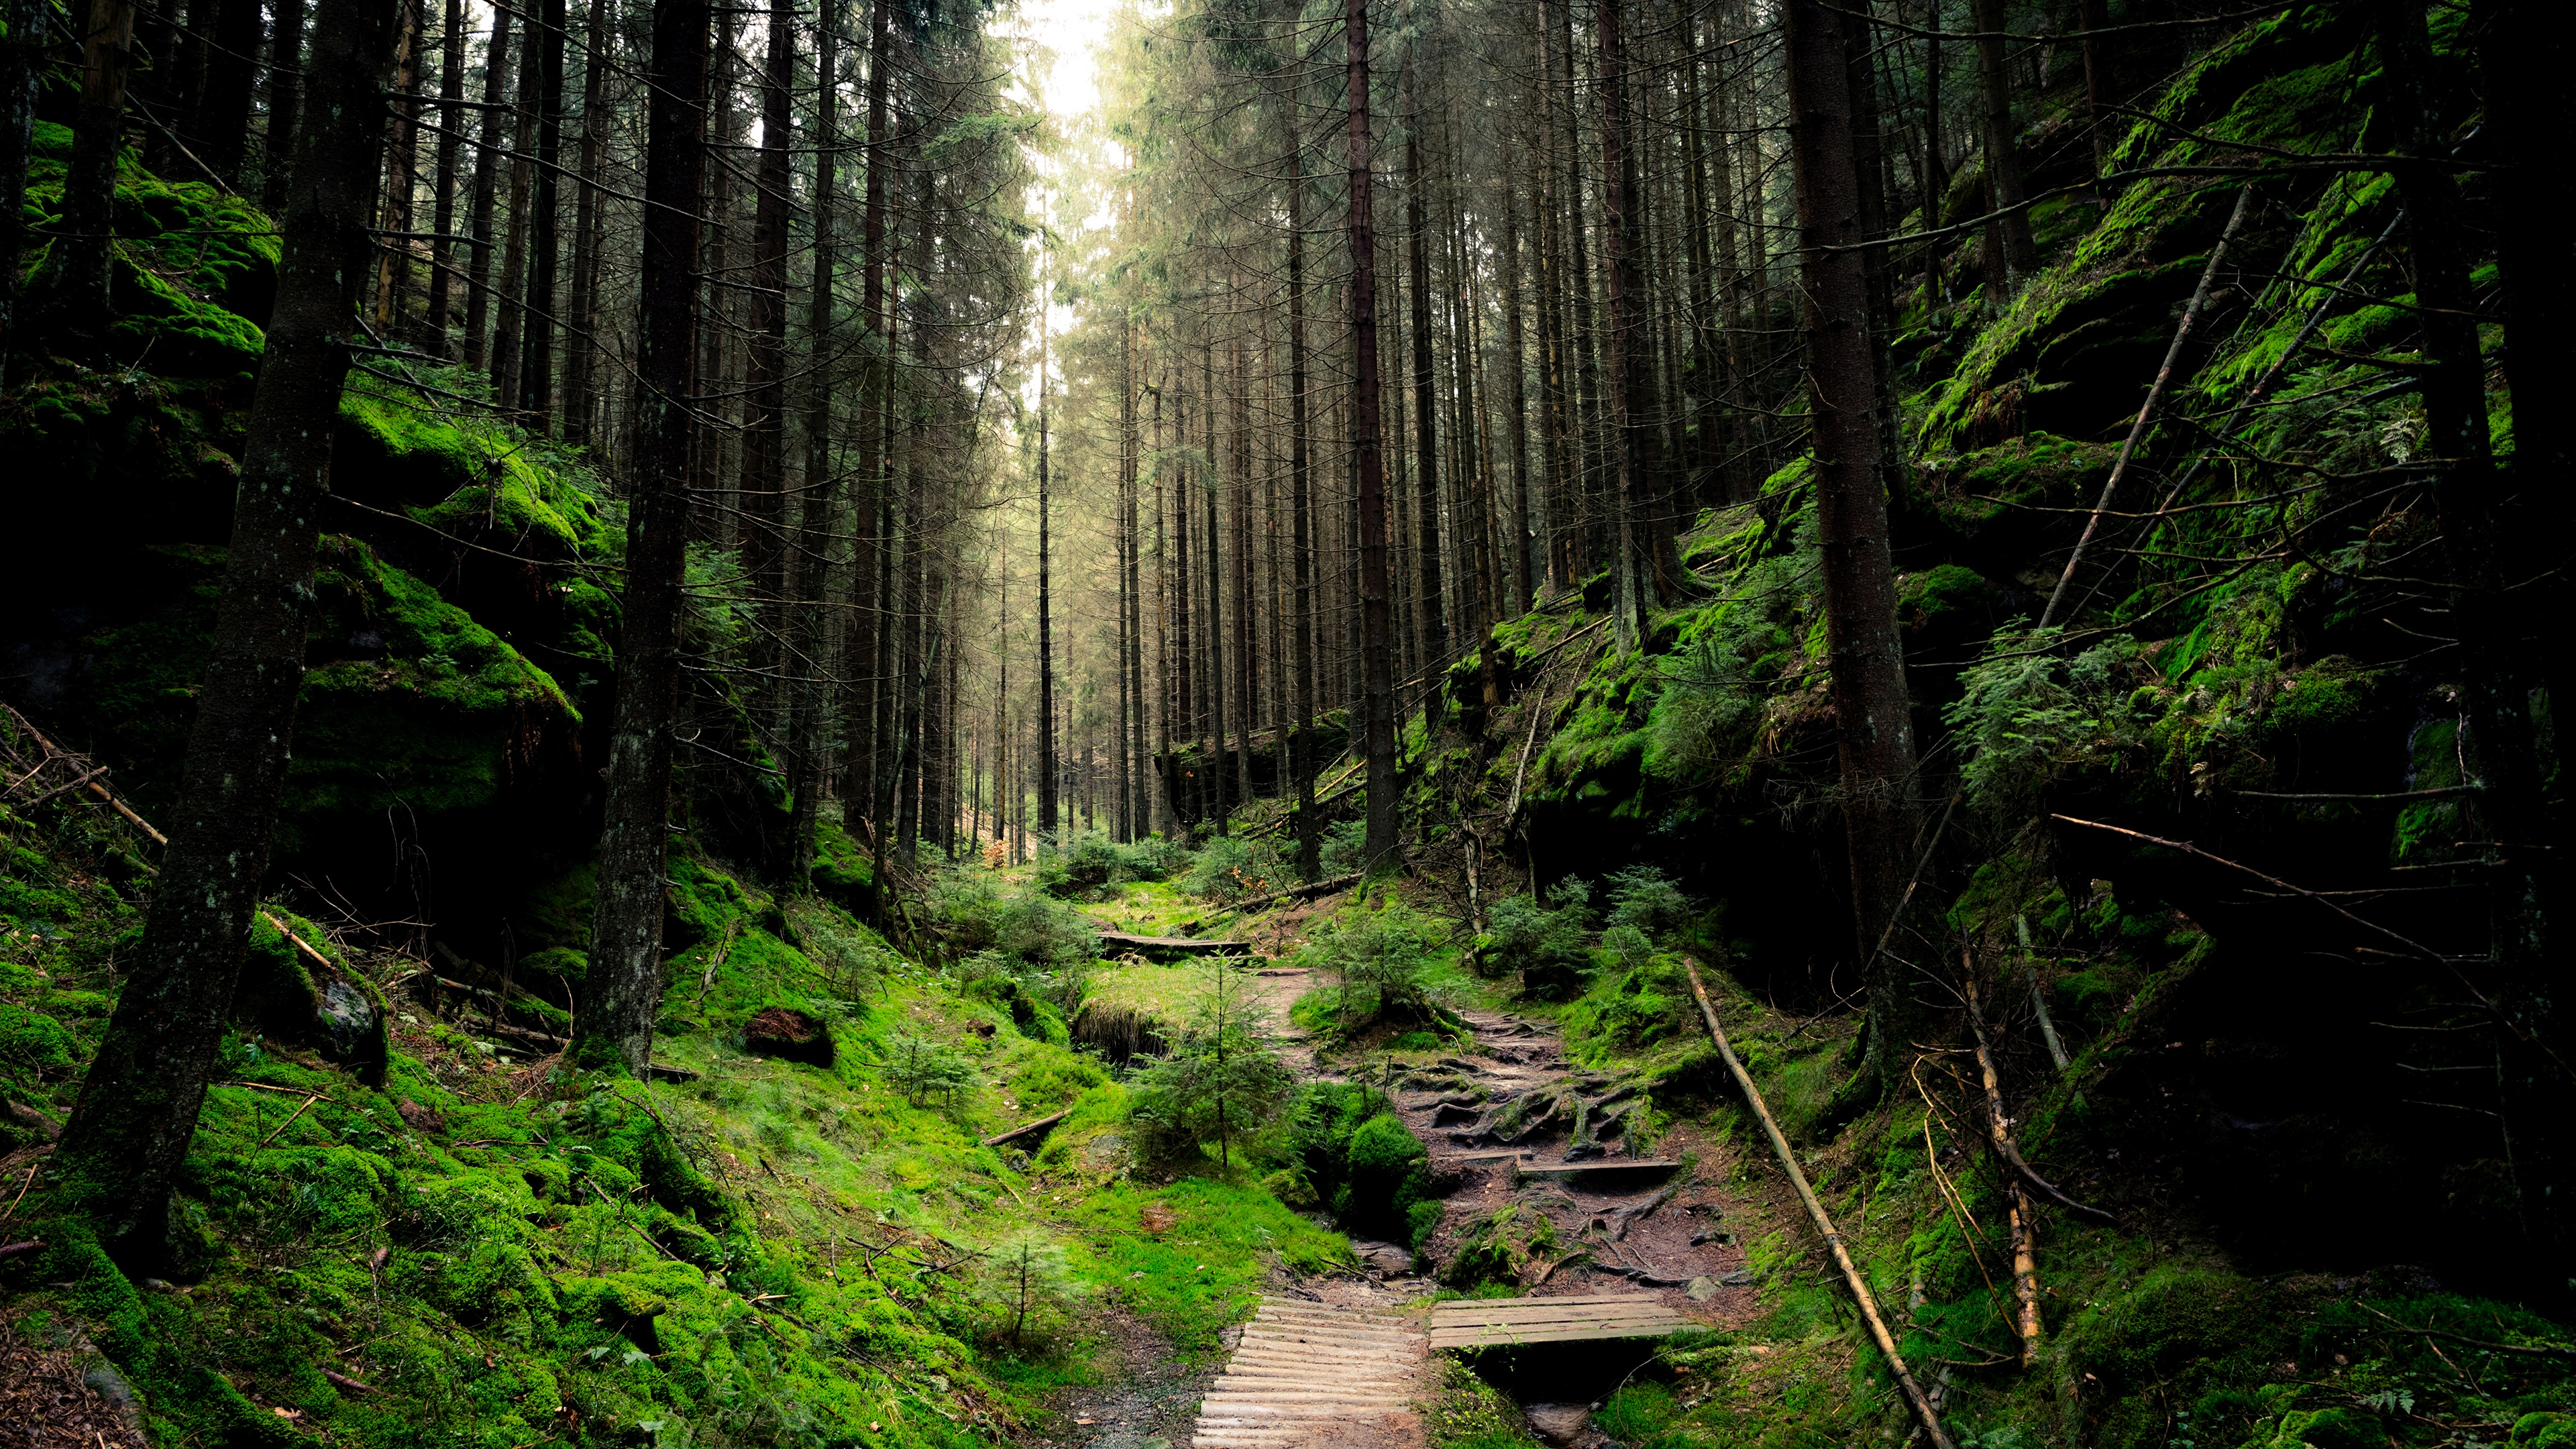 Forest 3840x2160 wallpaper